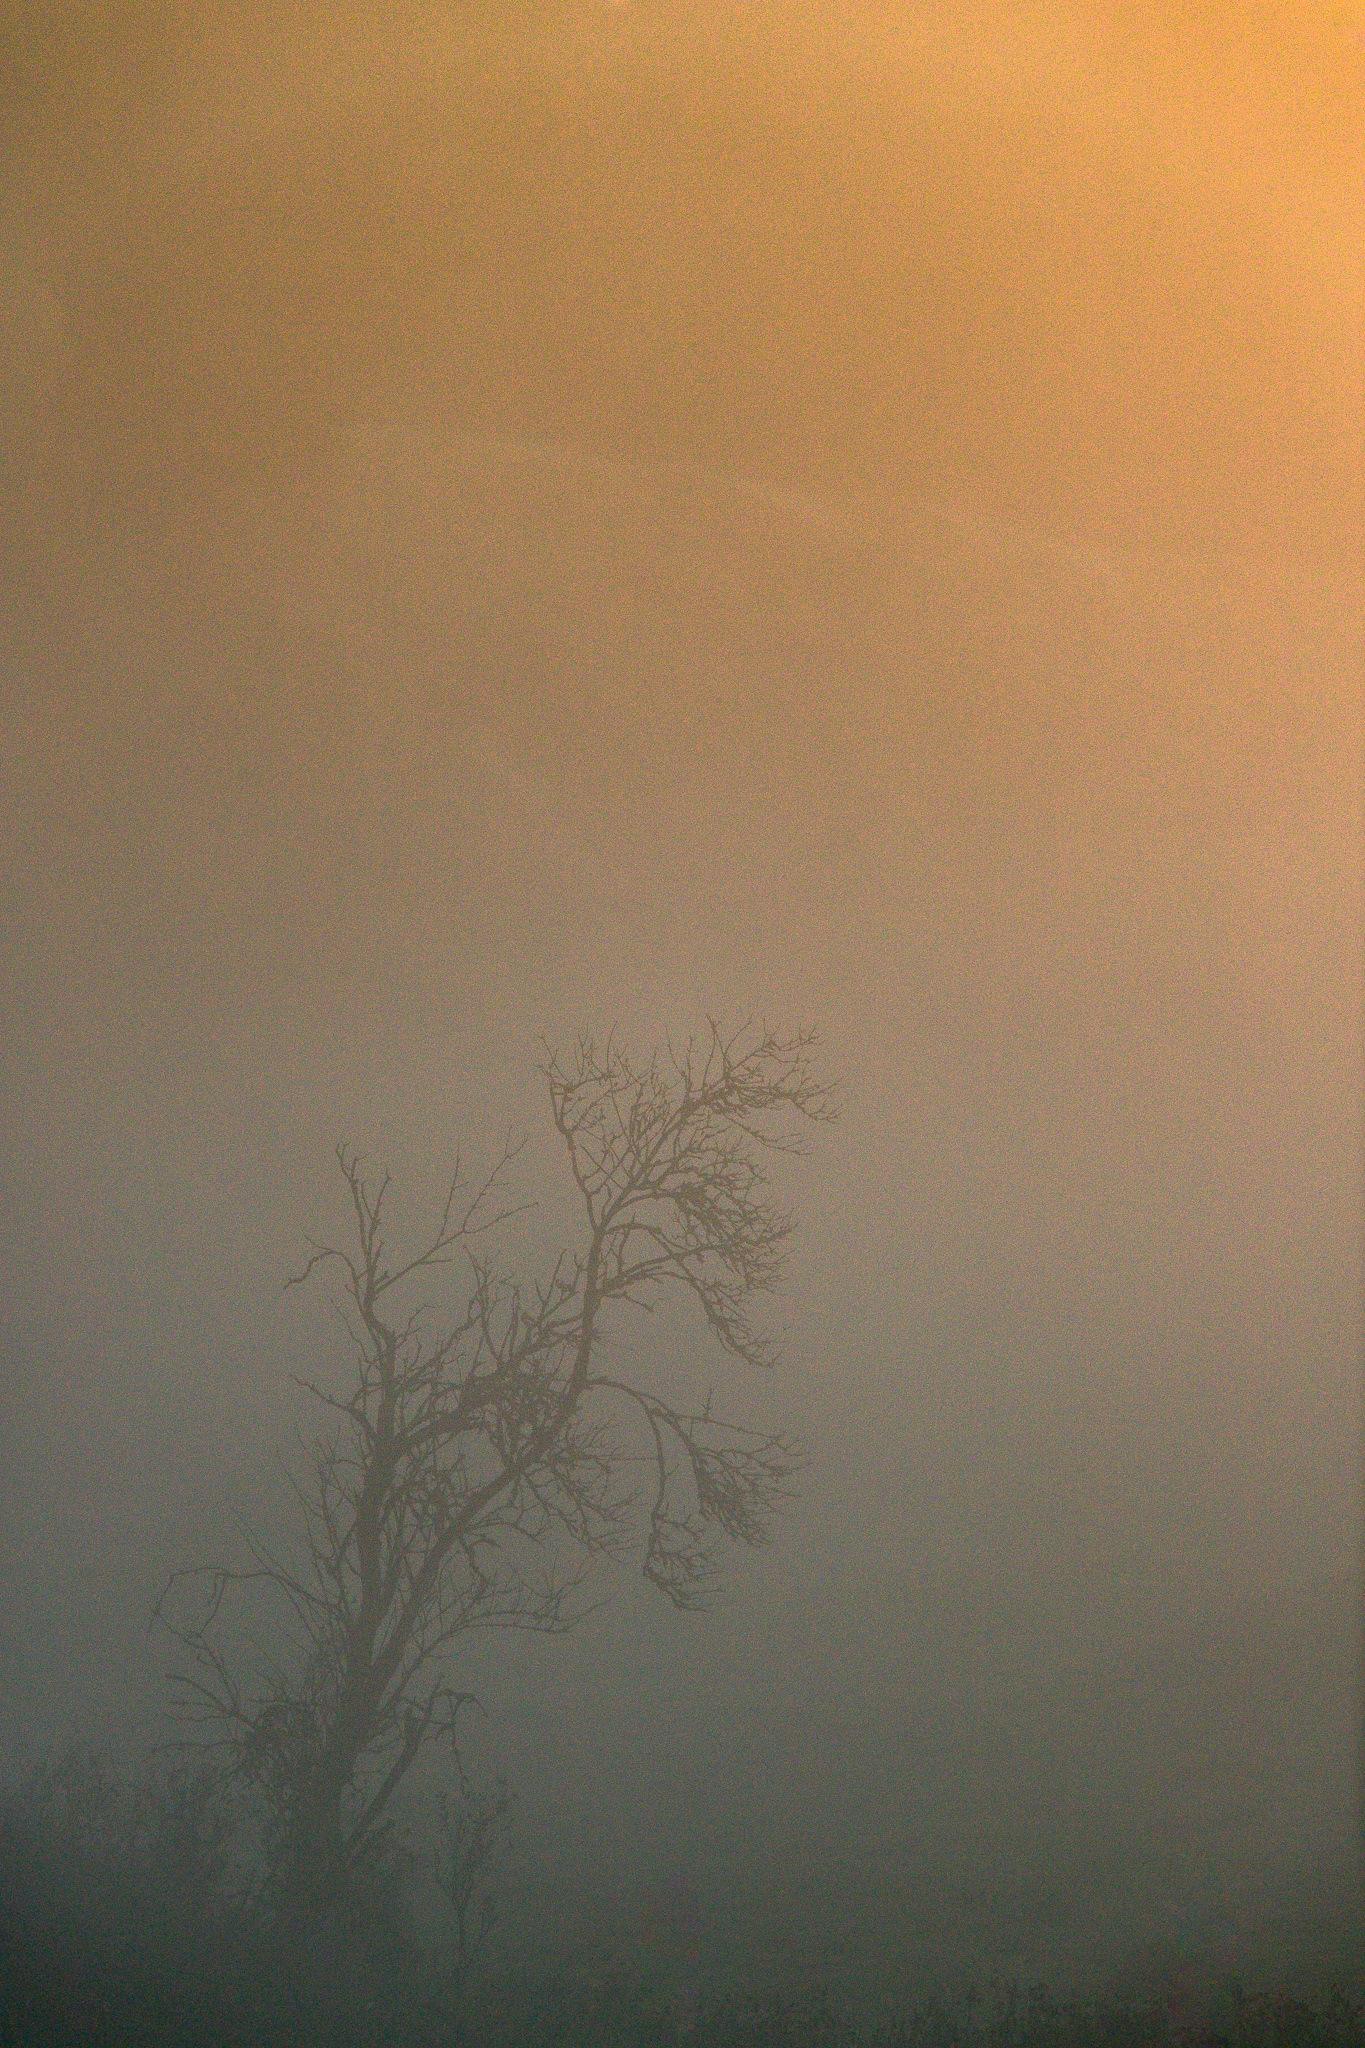 Tree in mist by Håkan Liljenberg